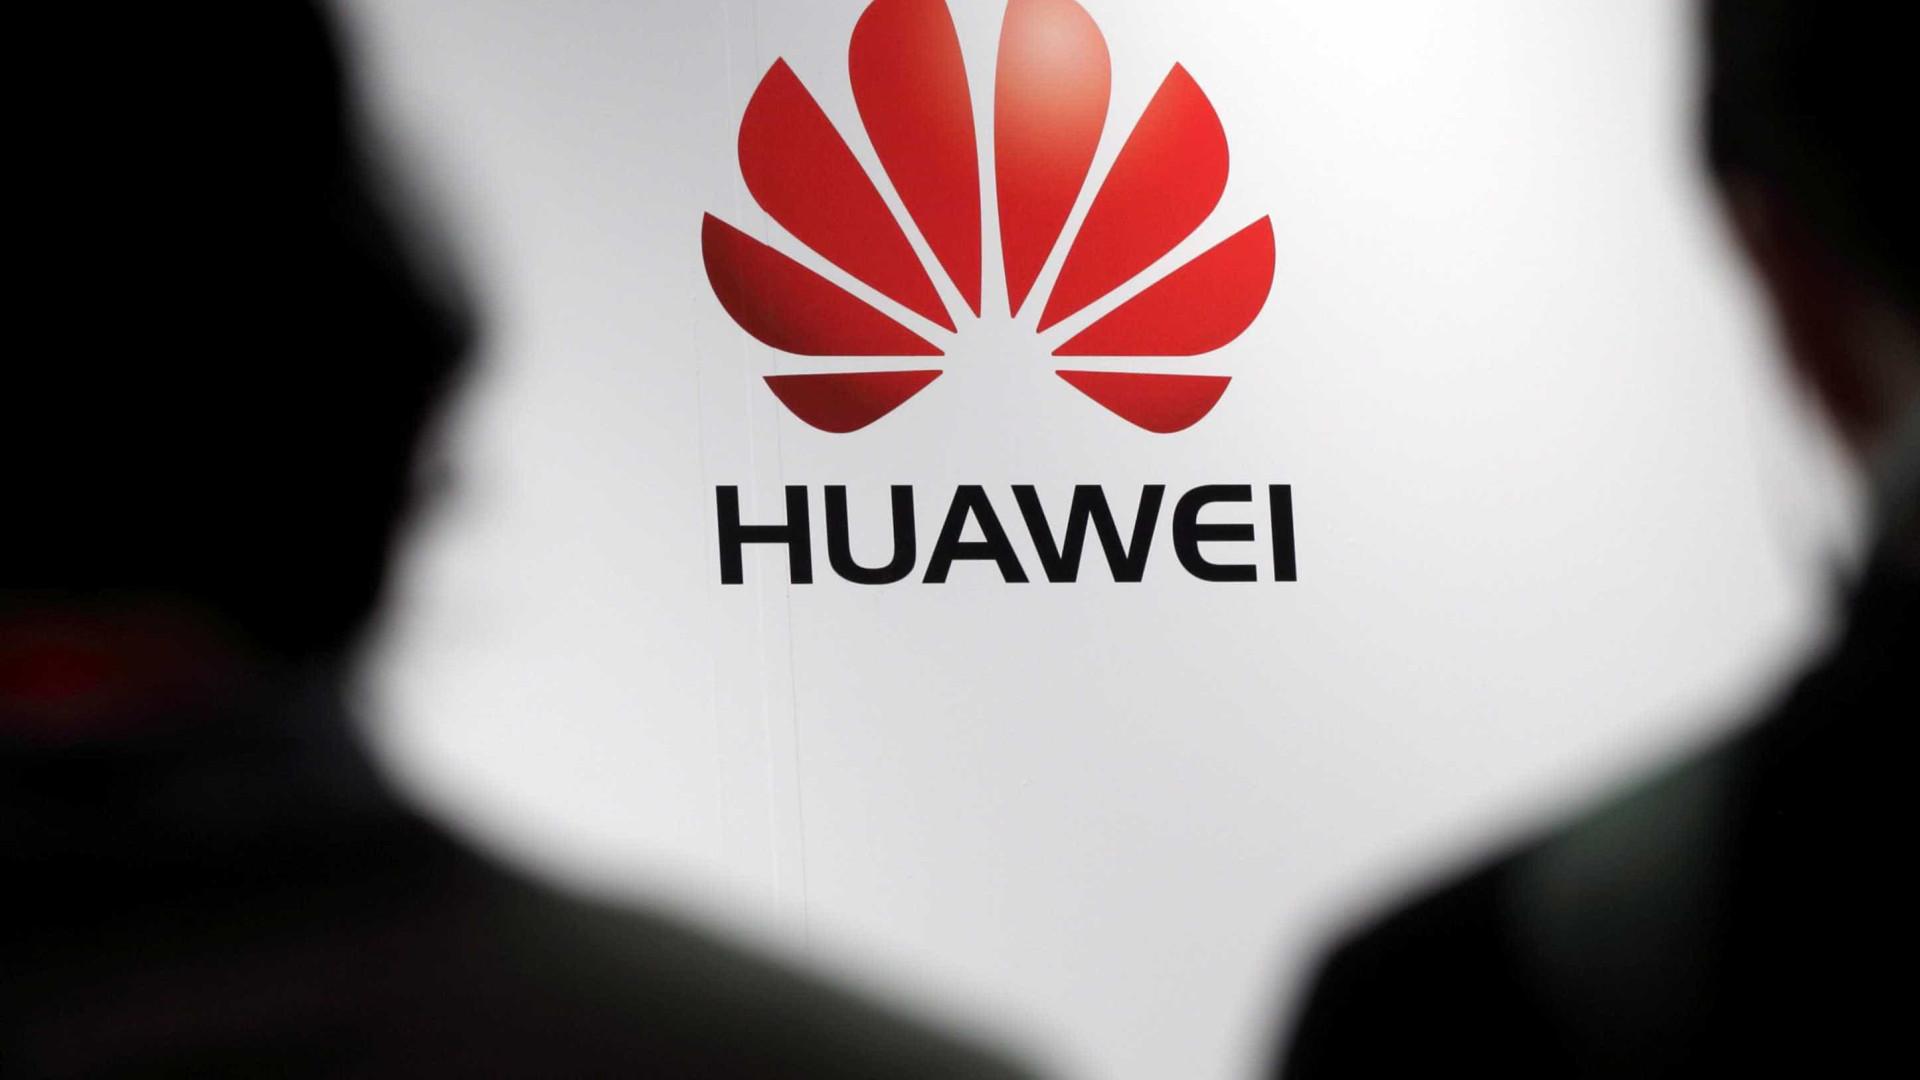 Governo pede que norte-americanos não usem celulares chineses; entenda